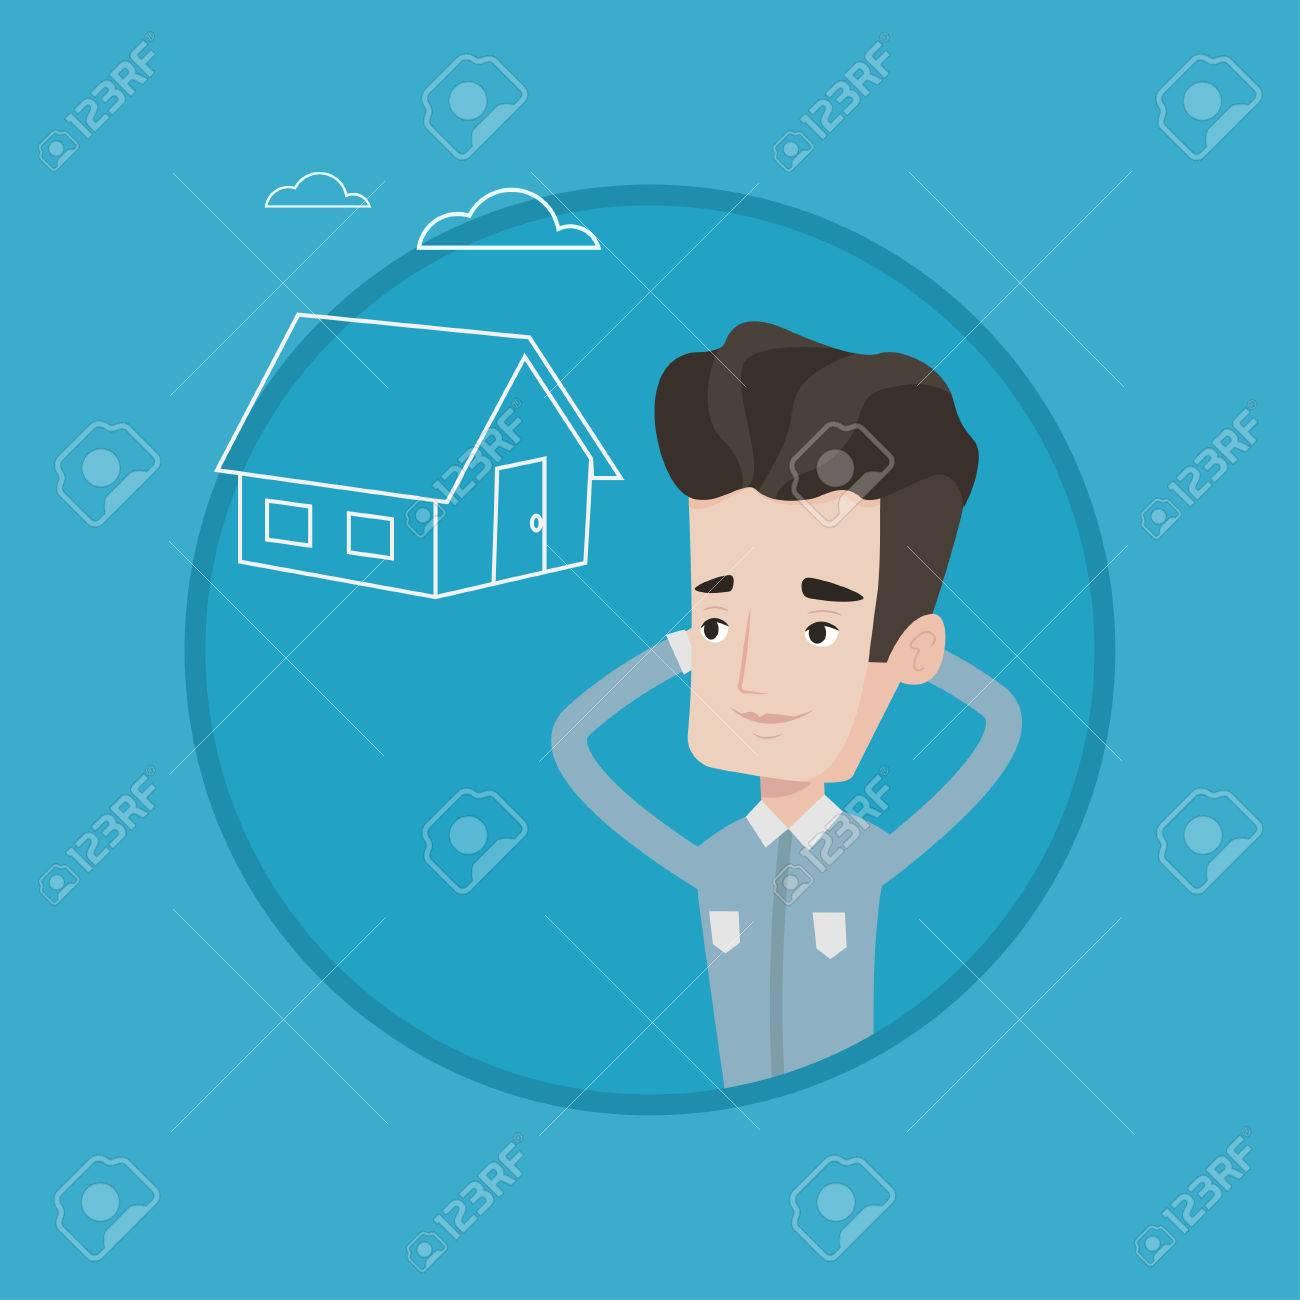 Kaukasischen Mann In Einem Neuen Haus über Zukünftige Leben Zu ...